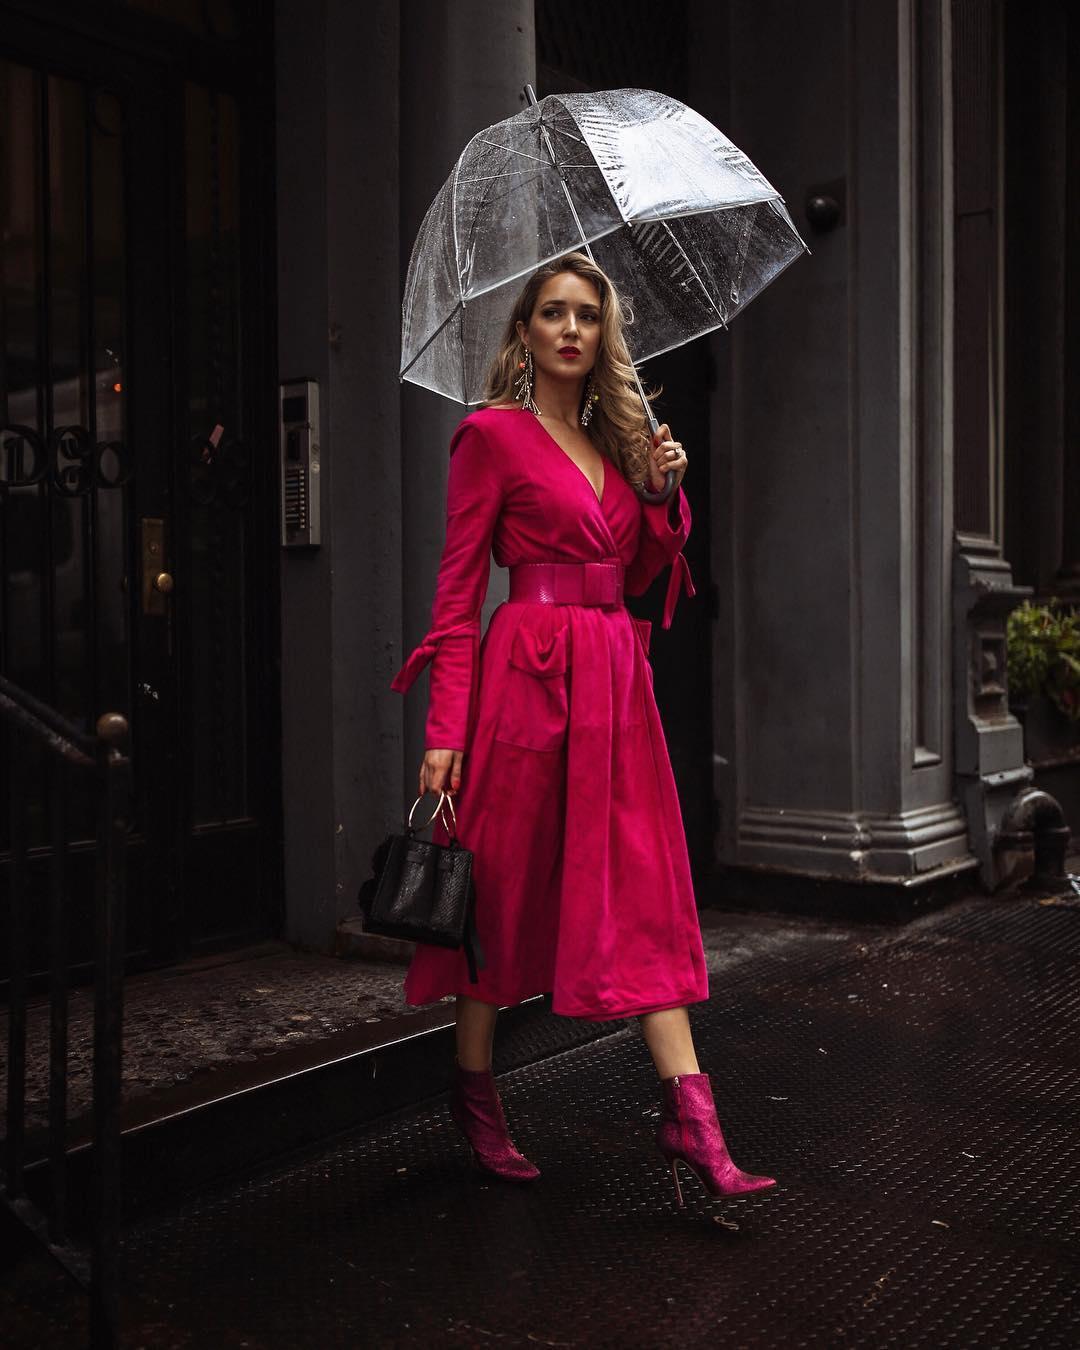 1612584560 530 echa un vistazo a las opciones para comprar y 30 - 40 modelos de vestidos rosas para un look que no pasa desapercibido